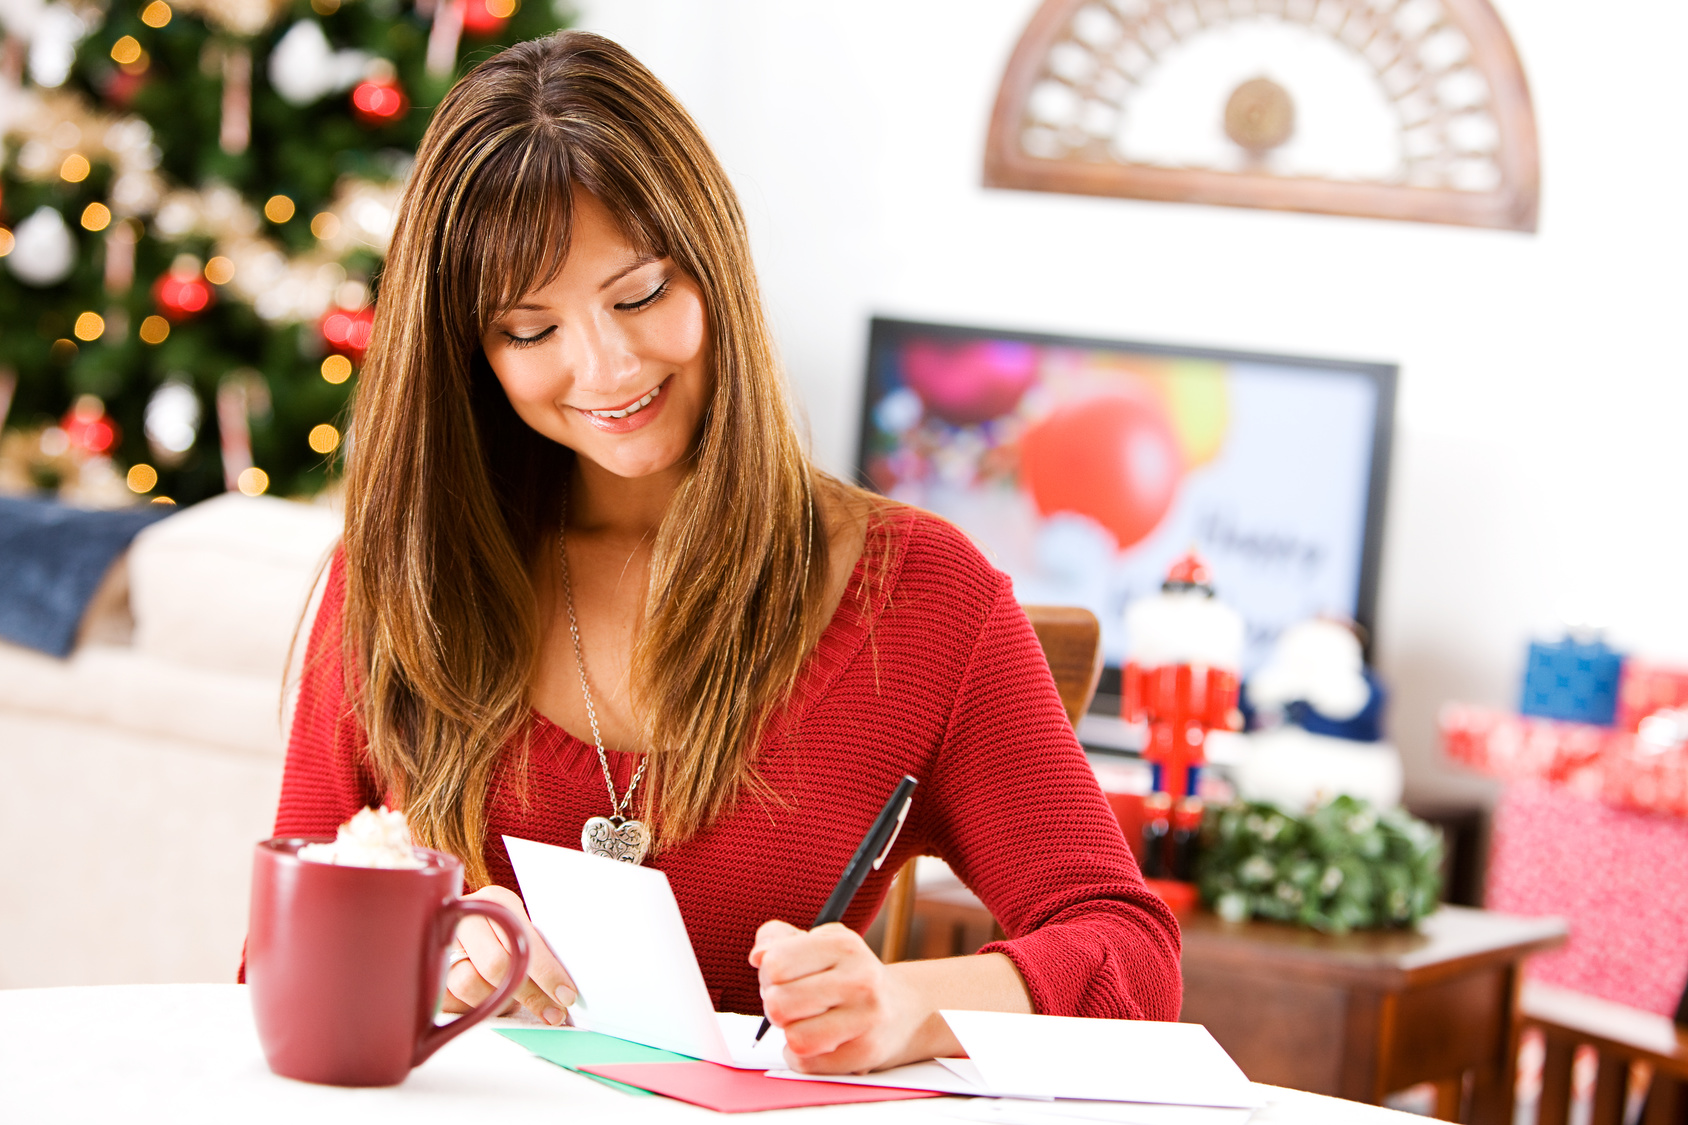 Frau sitzt am Tisch und schreibt Weihnachtskarten